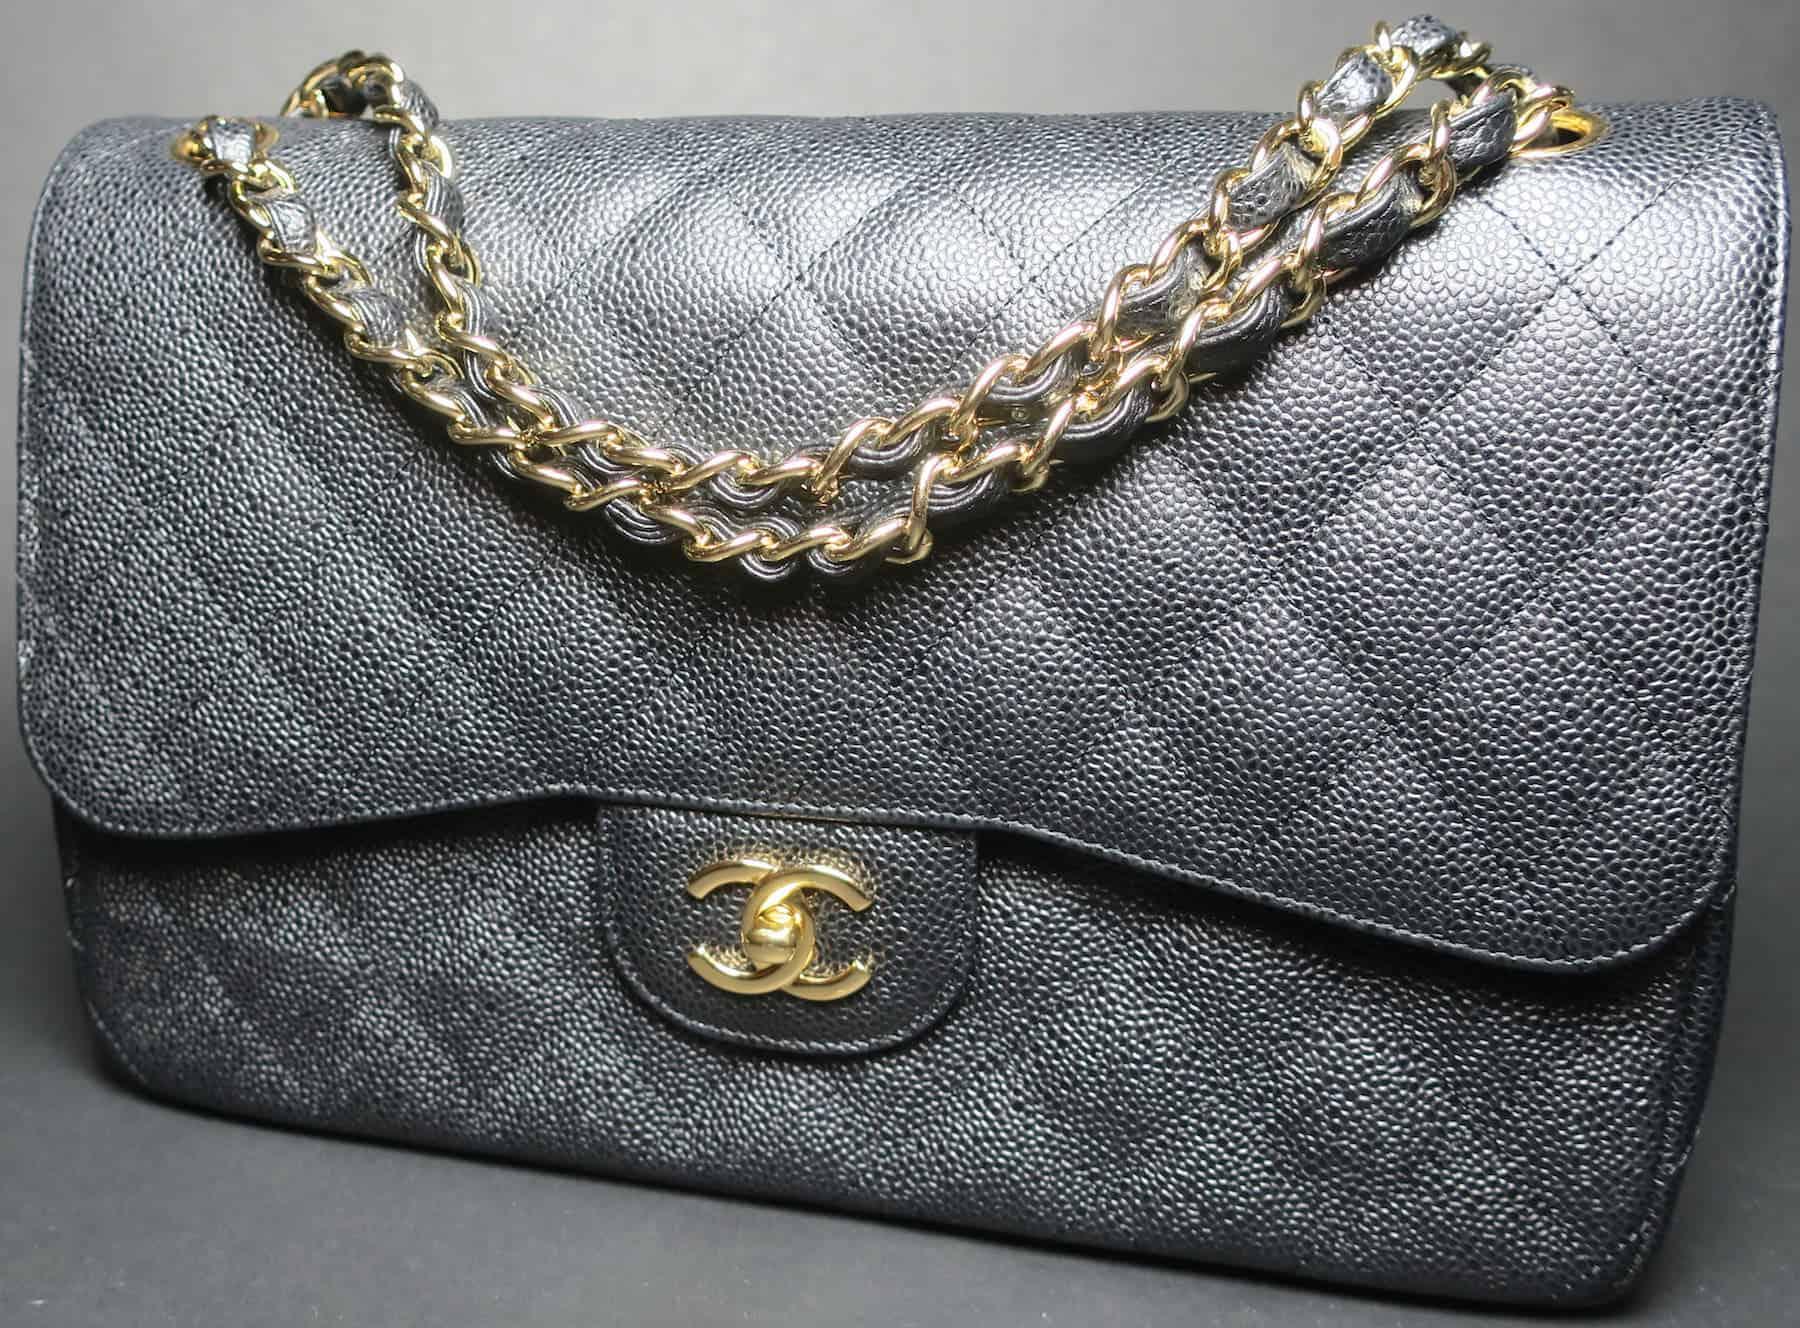 sac timeless Chanel aux enchères cadeau Noël